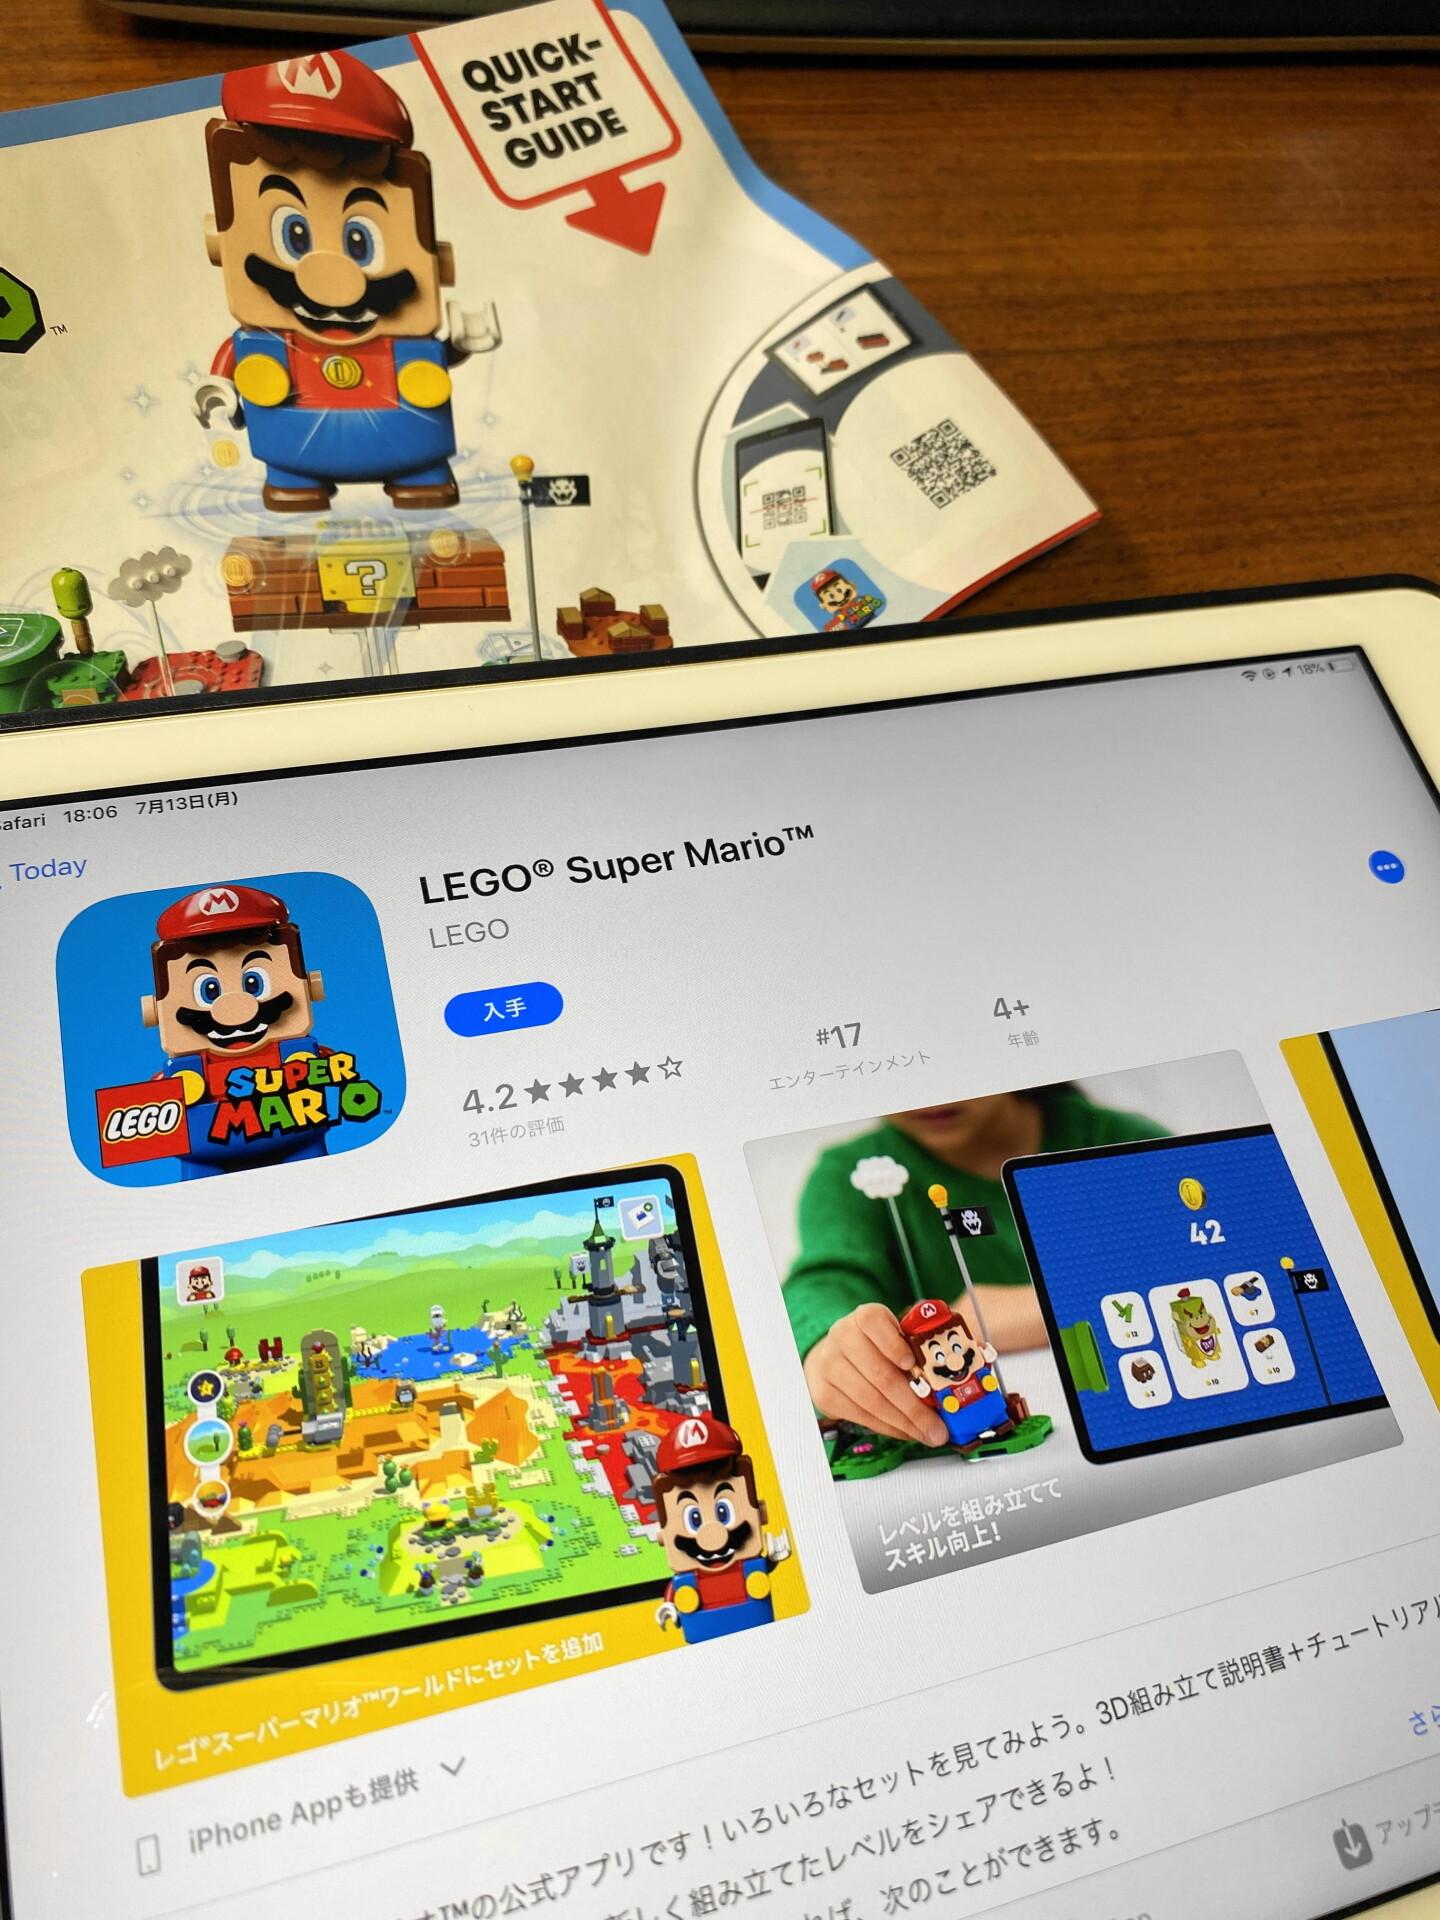 レゴマリオのアプリトップページ